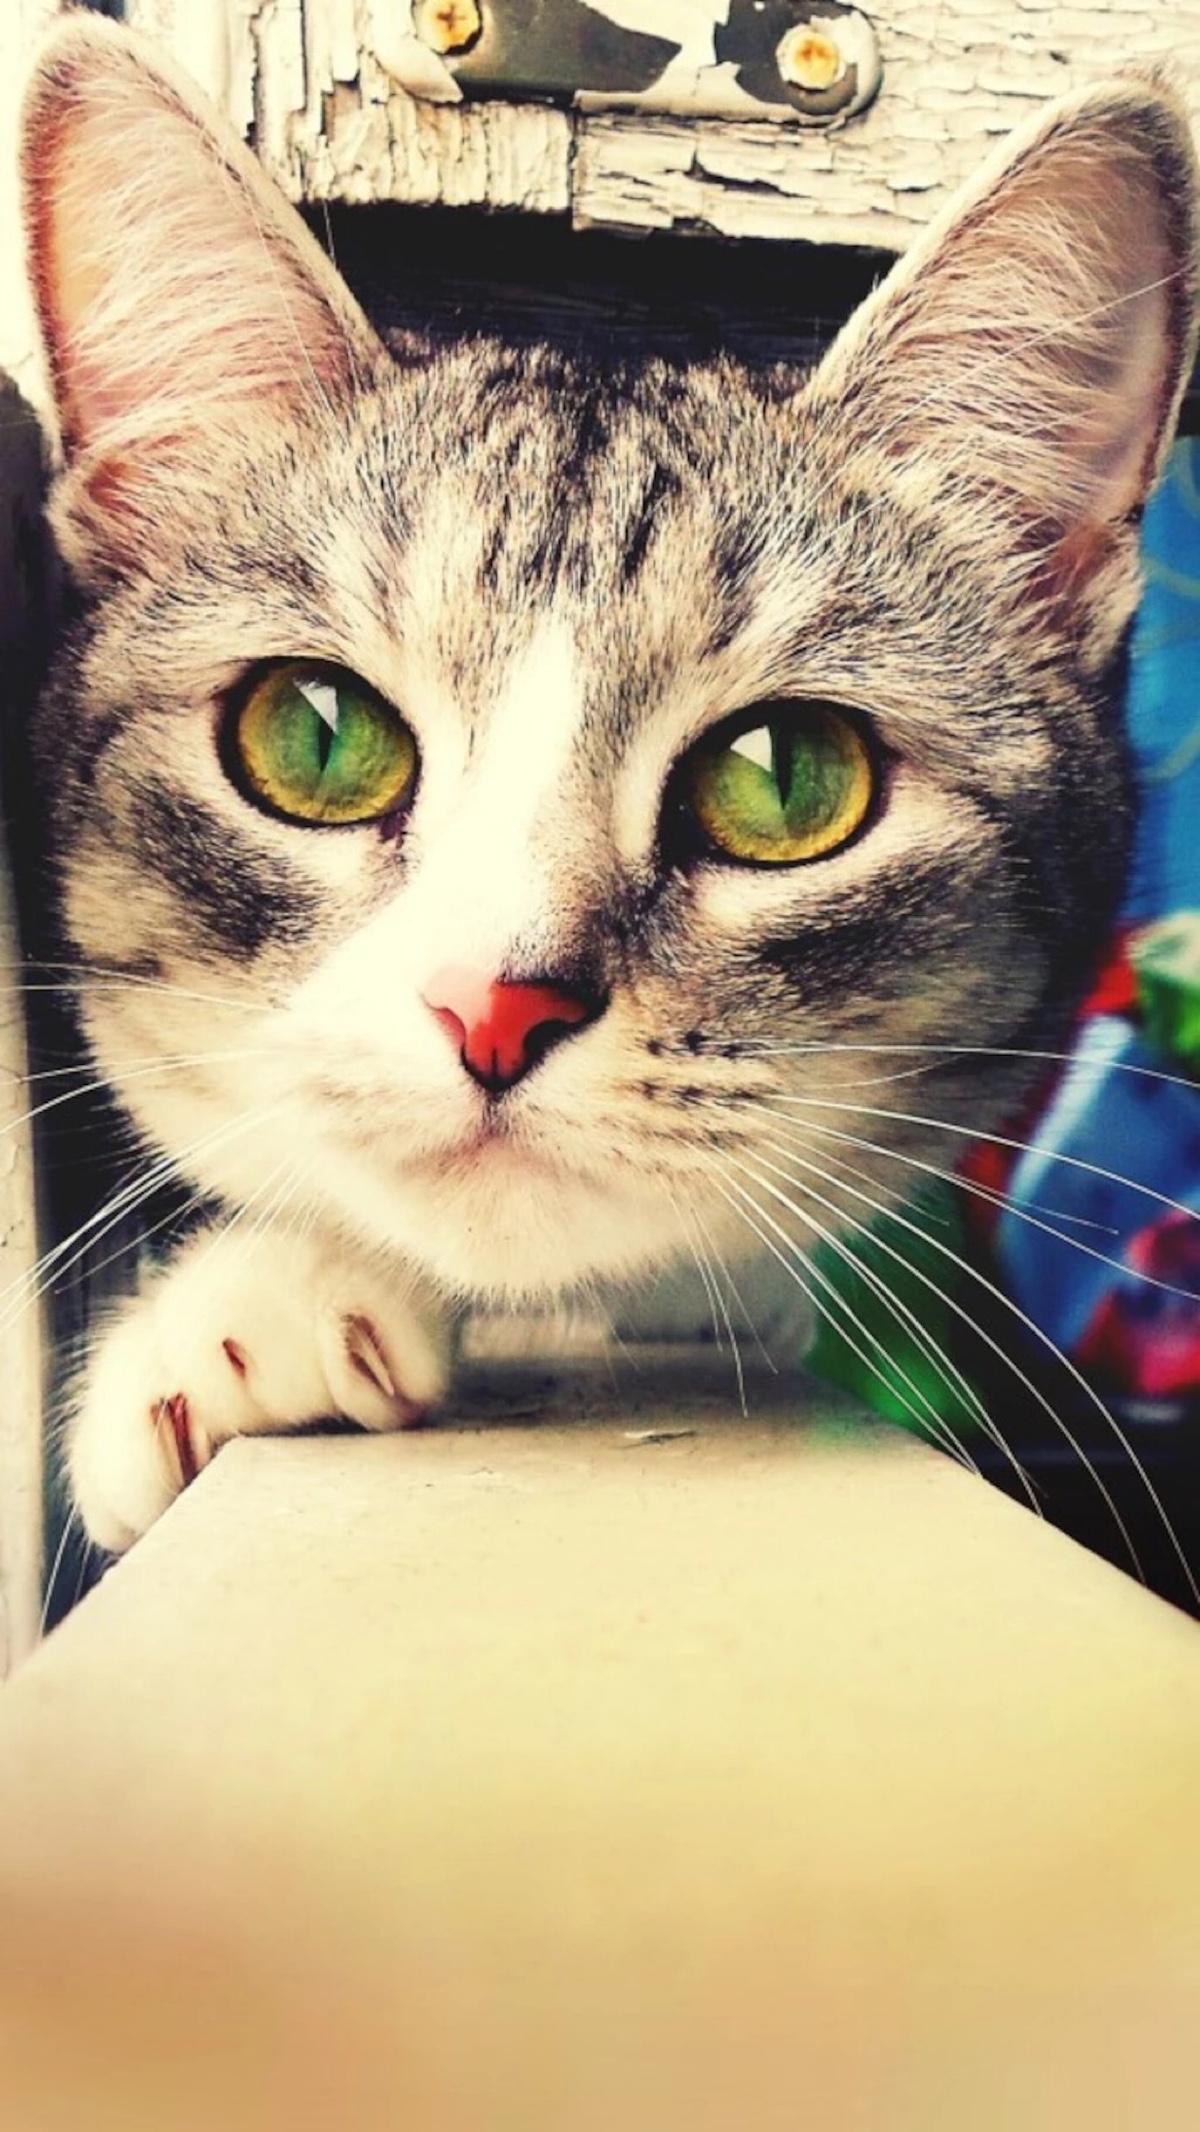 猫咪超可爱 喵星人手机壁纸下载